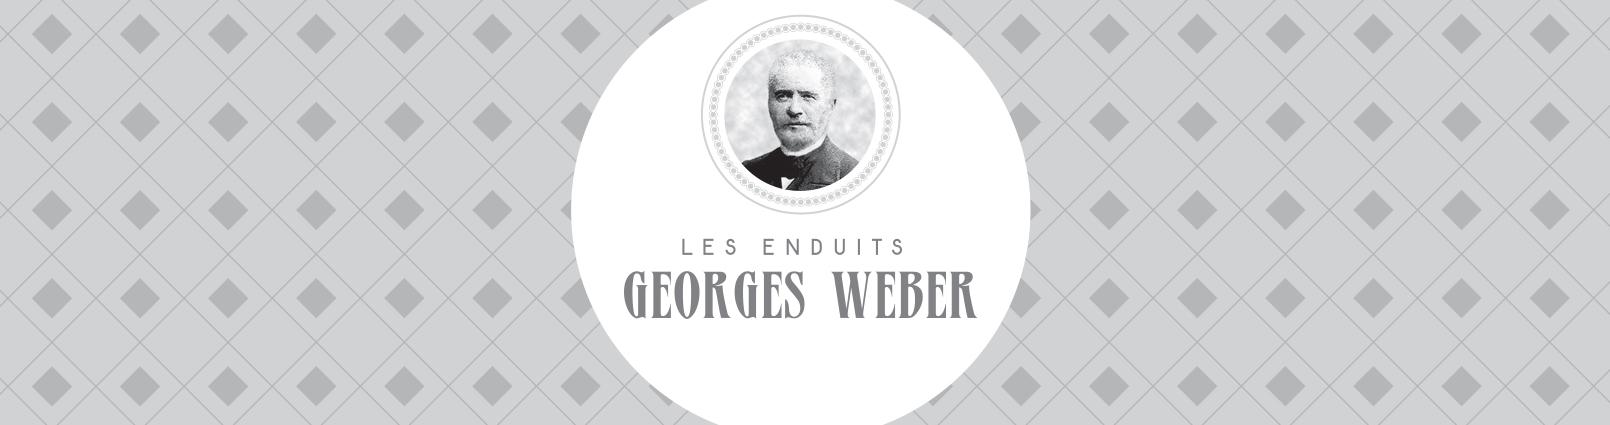 Les Enduits Georges Weber : l'expertise Weber en restauration patrimoniale